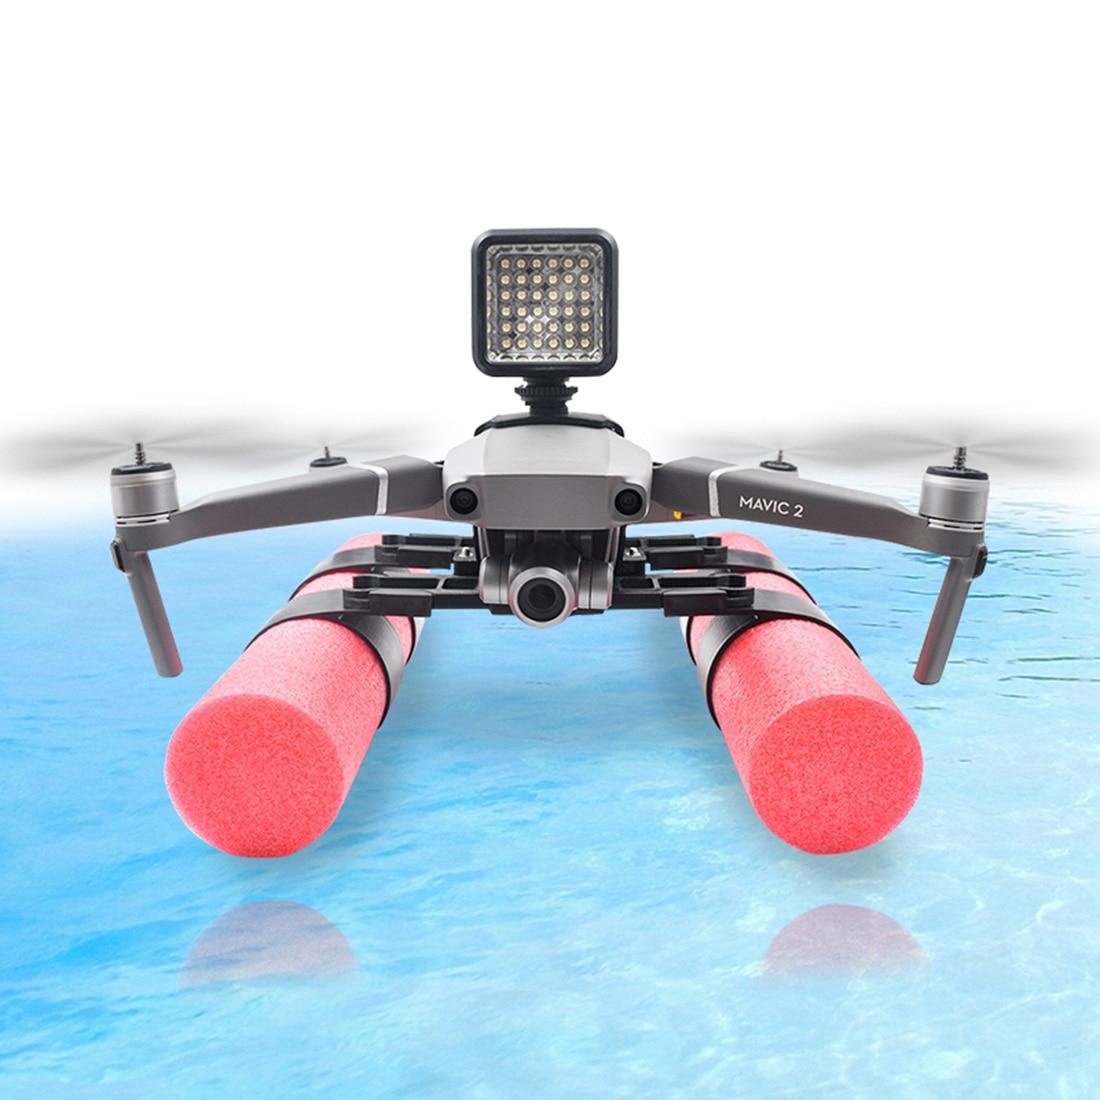 Estendida trem de Pouso Skid Treinamento Flutuante Bobber Fixer Set para DJI Mavic 2 Pro/Mavic 2 Zoom com Flutuabilidade titular da vara